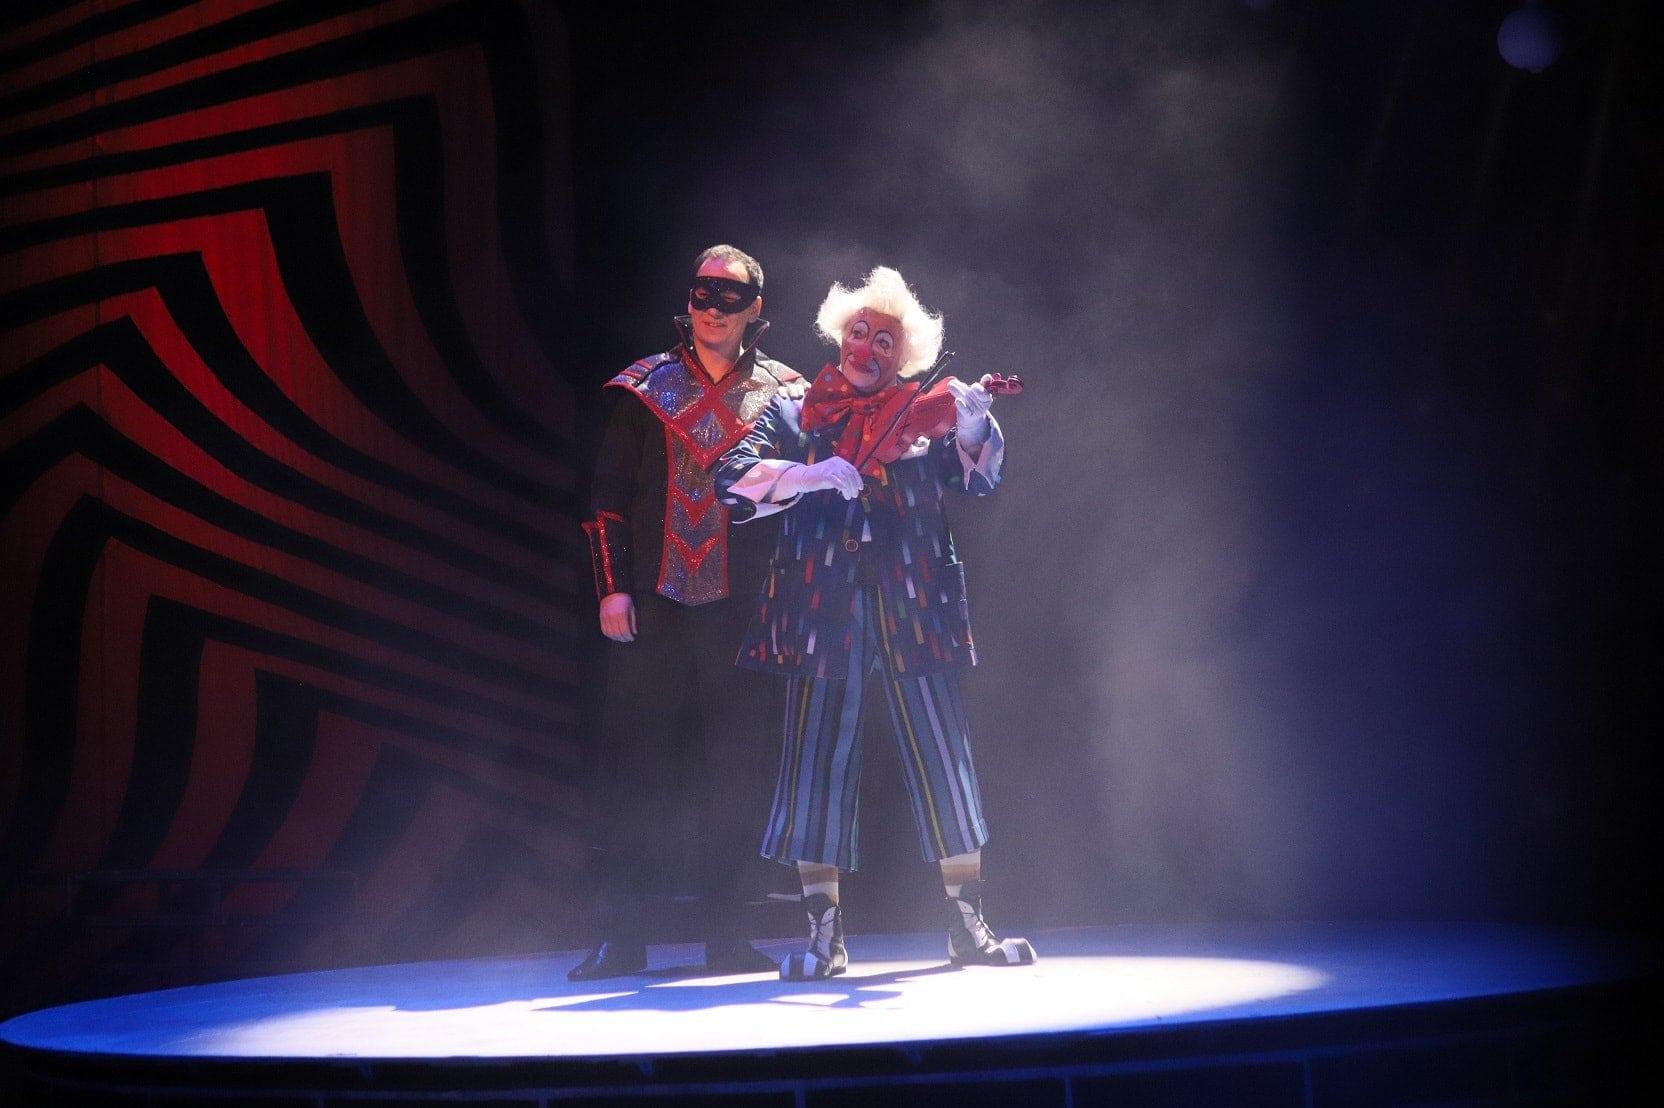 """И. Кальман """"Принцесса цирка"""". Мистер Икс - Андрей Ковалёв, Пеликан - Геннадий Муралёв"""